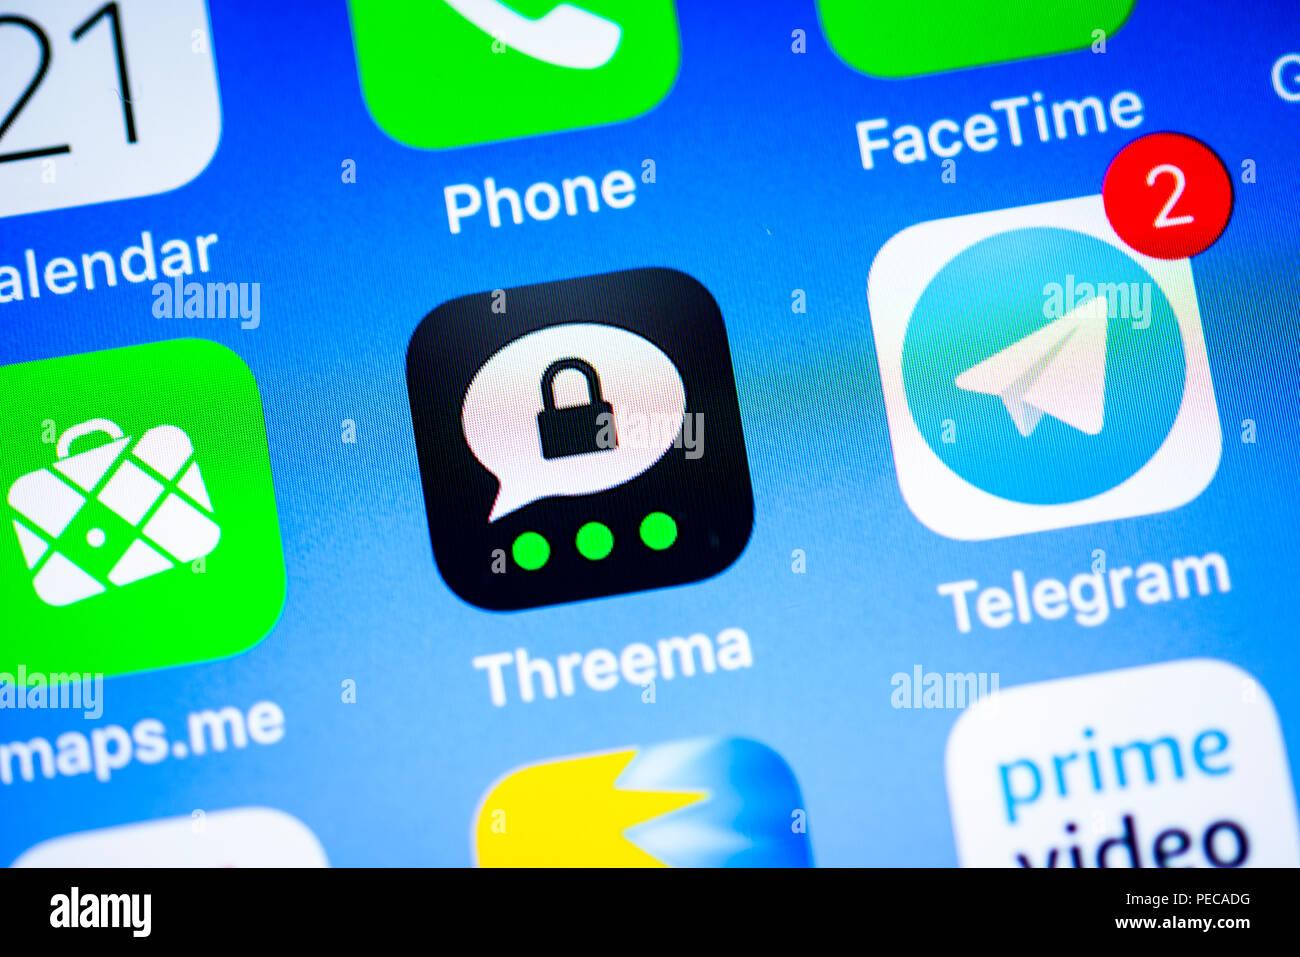 Threema, sichere Instant Messenger App, App, Display, iPhone, iOS, Smartphone, Display, Nahaufnahme, Detail, Deutschland Stockbild